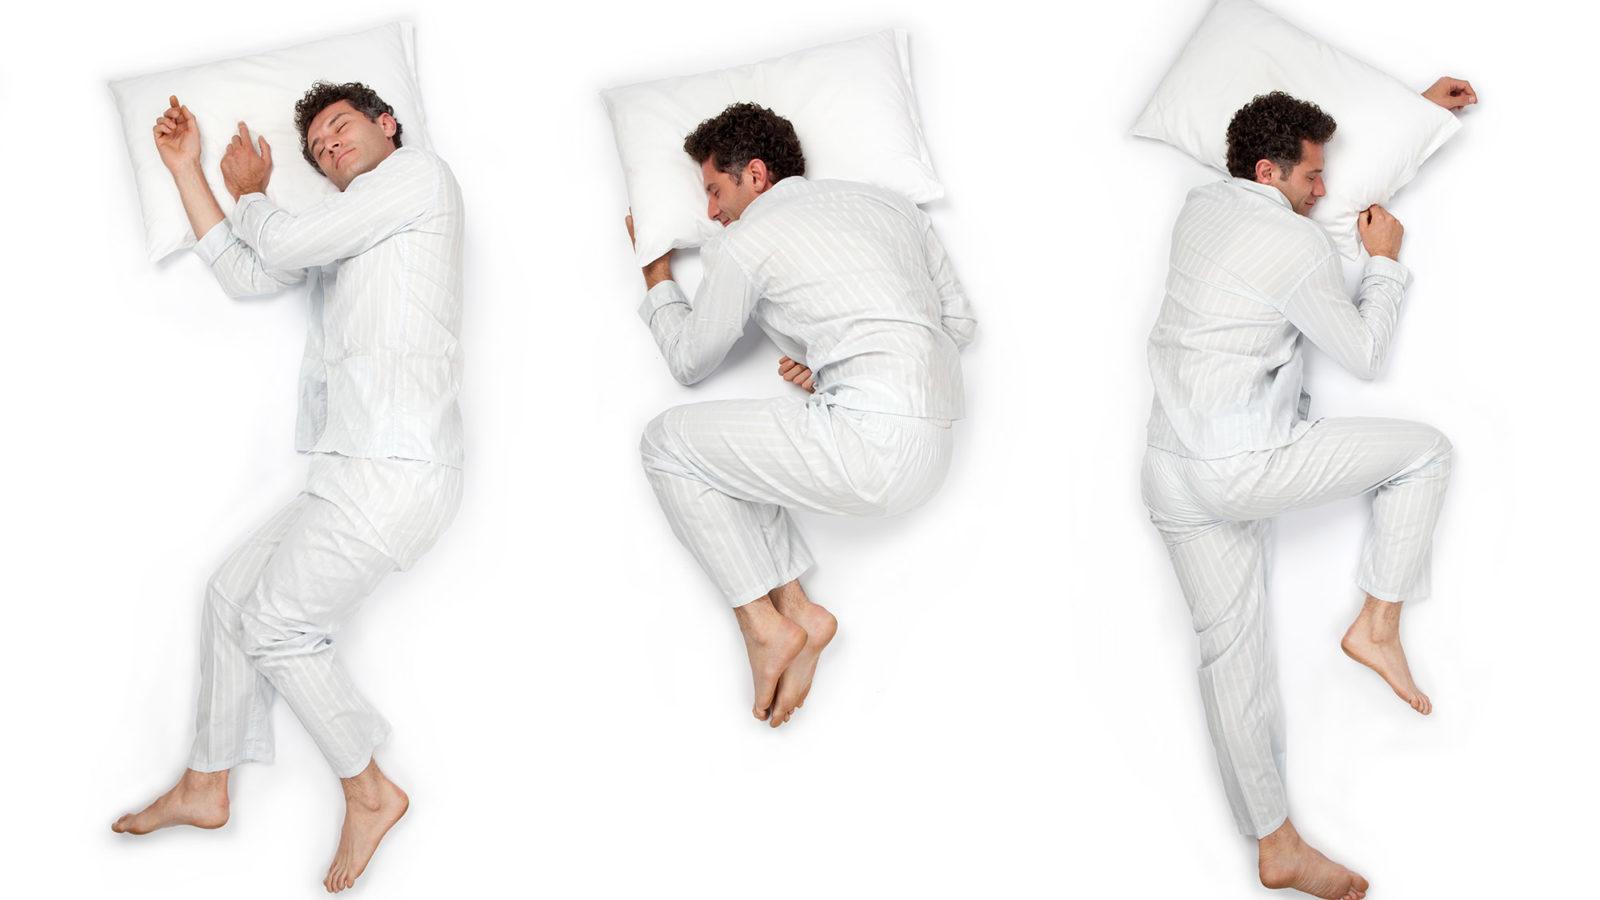 Mann schläft auf Kissen - drei verschiedene Postionen